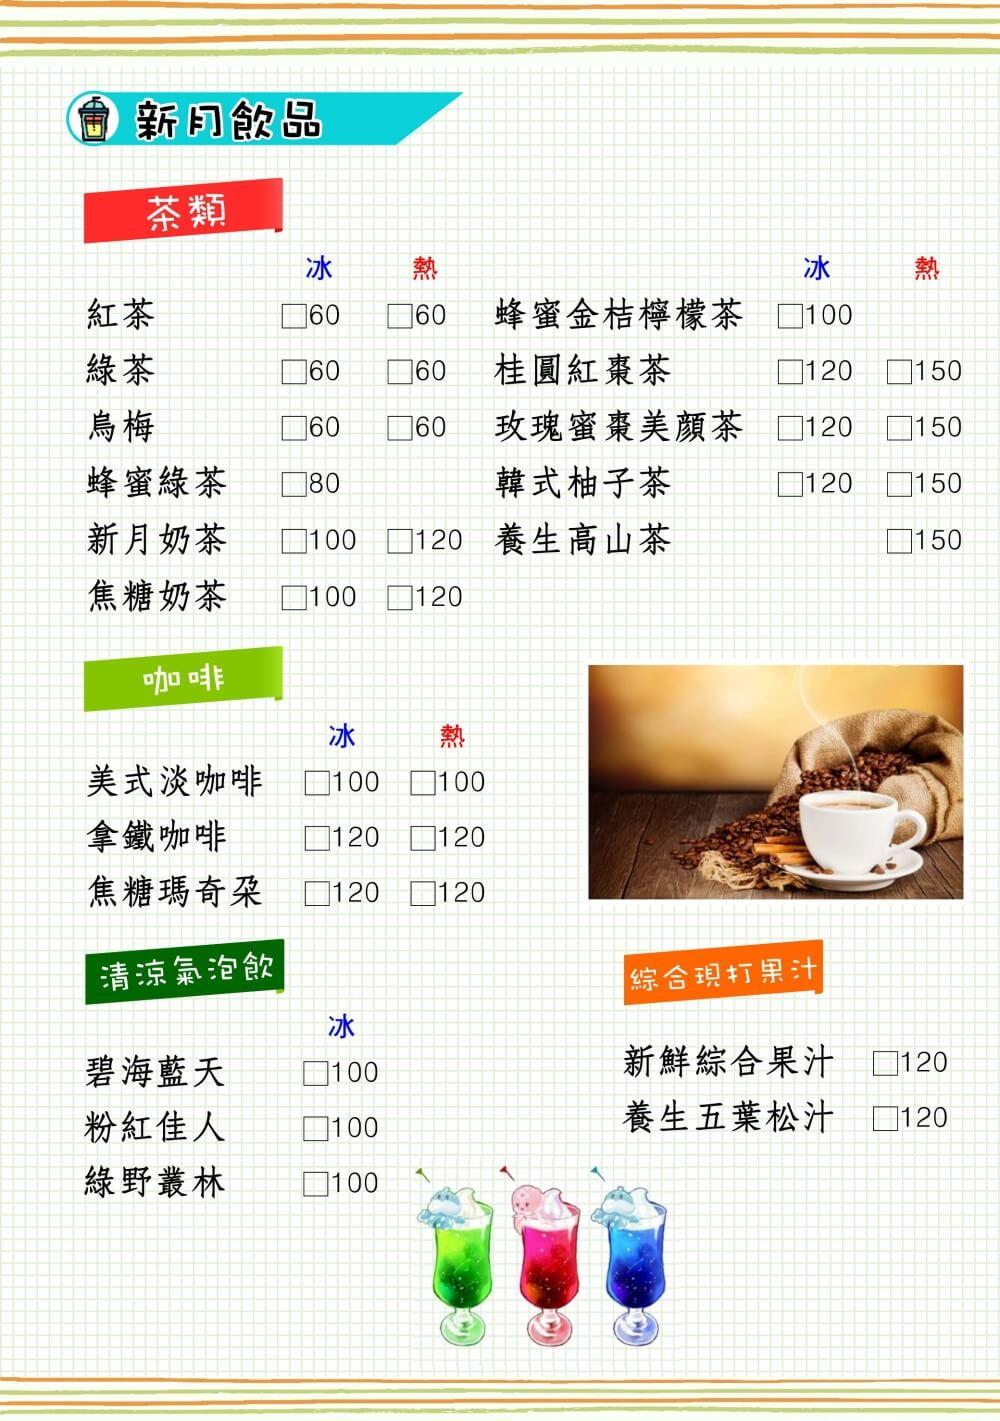 新月傳說景觀餐廳菜單-06